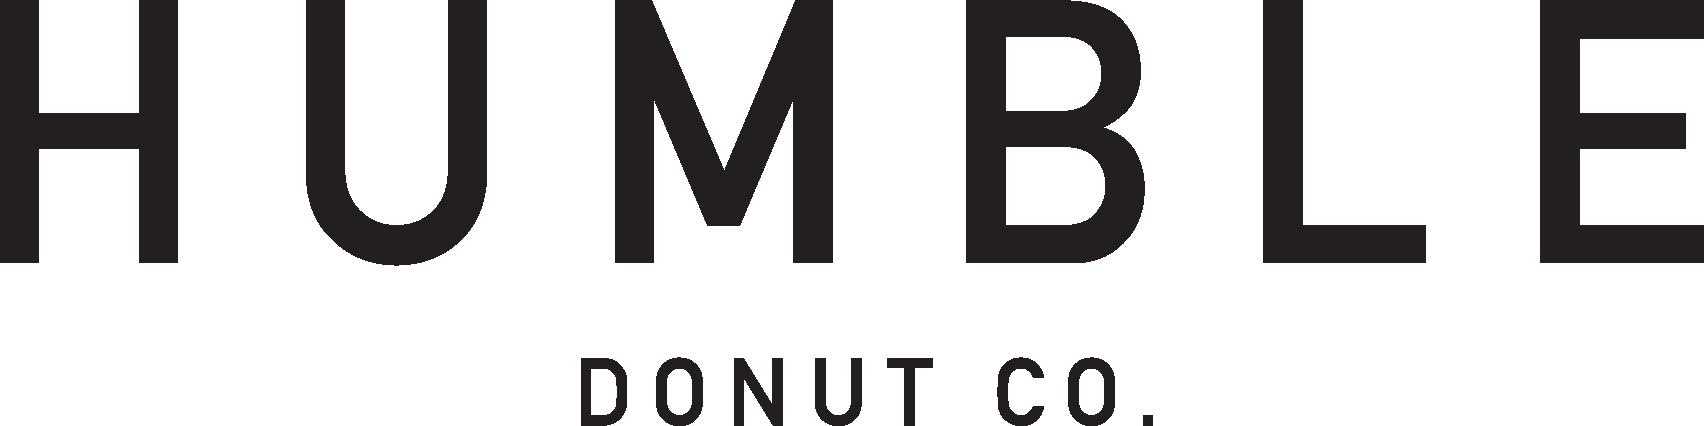 Humble header logo.png